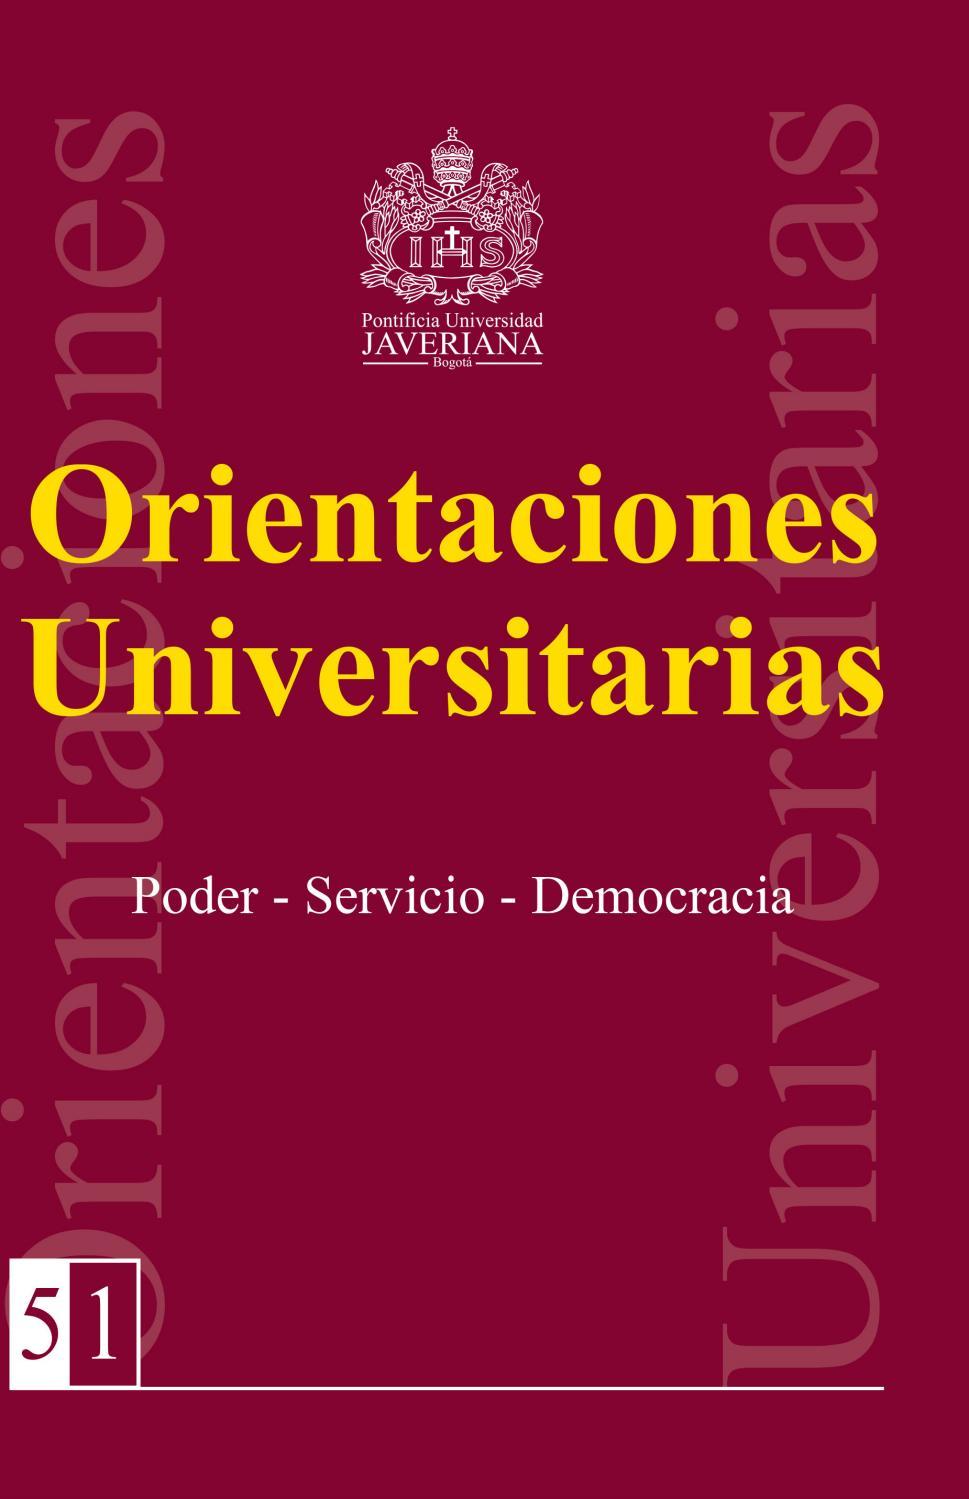 Orientaciones Universitarias 51 by Archivo Histórico Javeriano - issuu